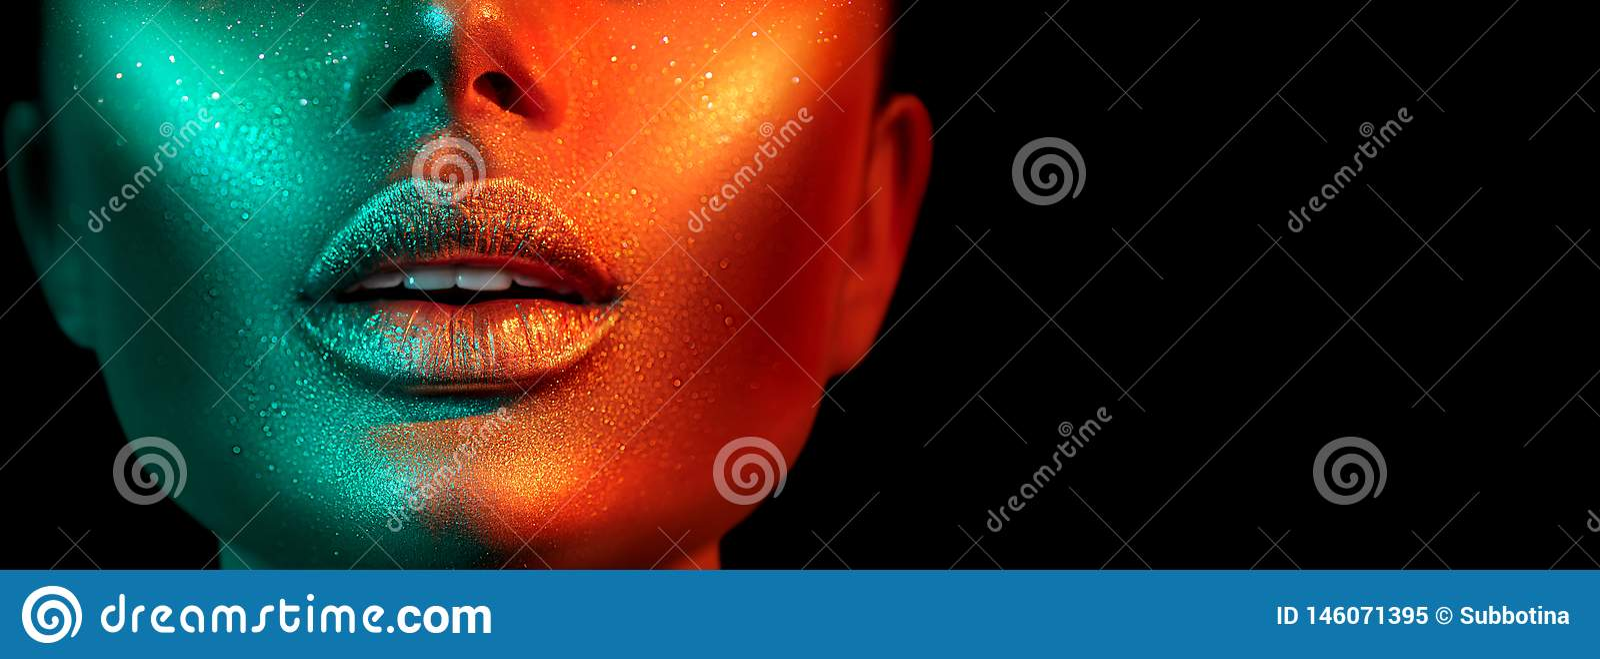 Πρότυπο πρόσωπο γυναικών μόδας στα φωτεινά σπινθηρίσματα, ζωηρόχρωμα φω τα νέου, όμορφα προκλητικά χείλια κοριτσιών Καθιερώνουσα